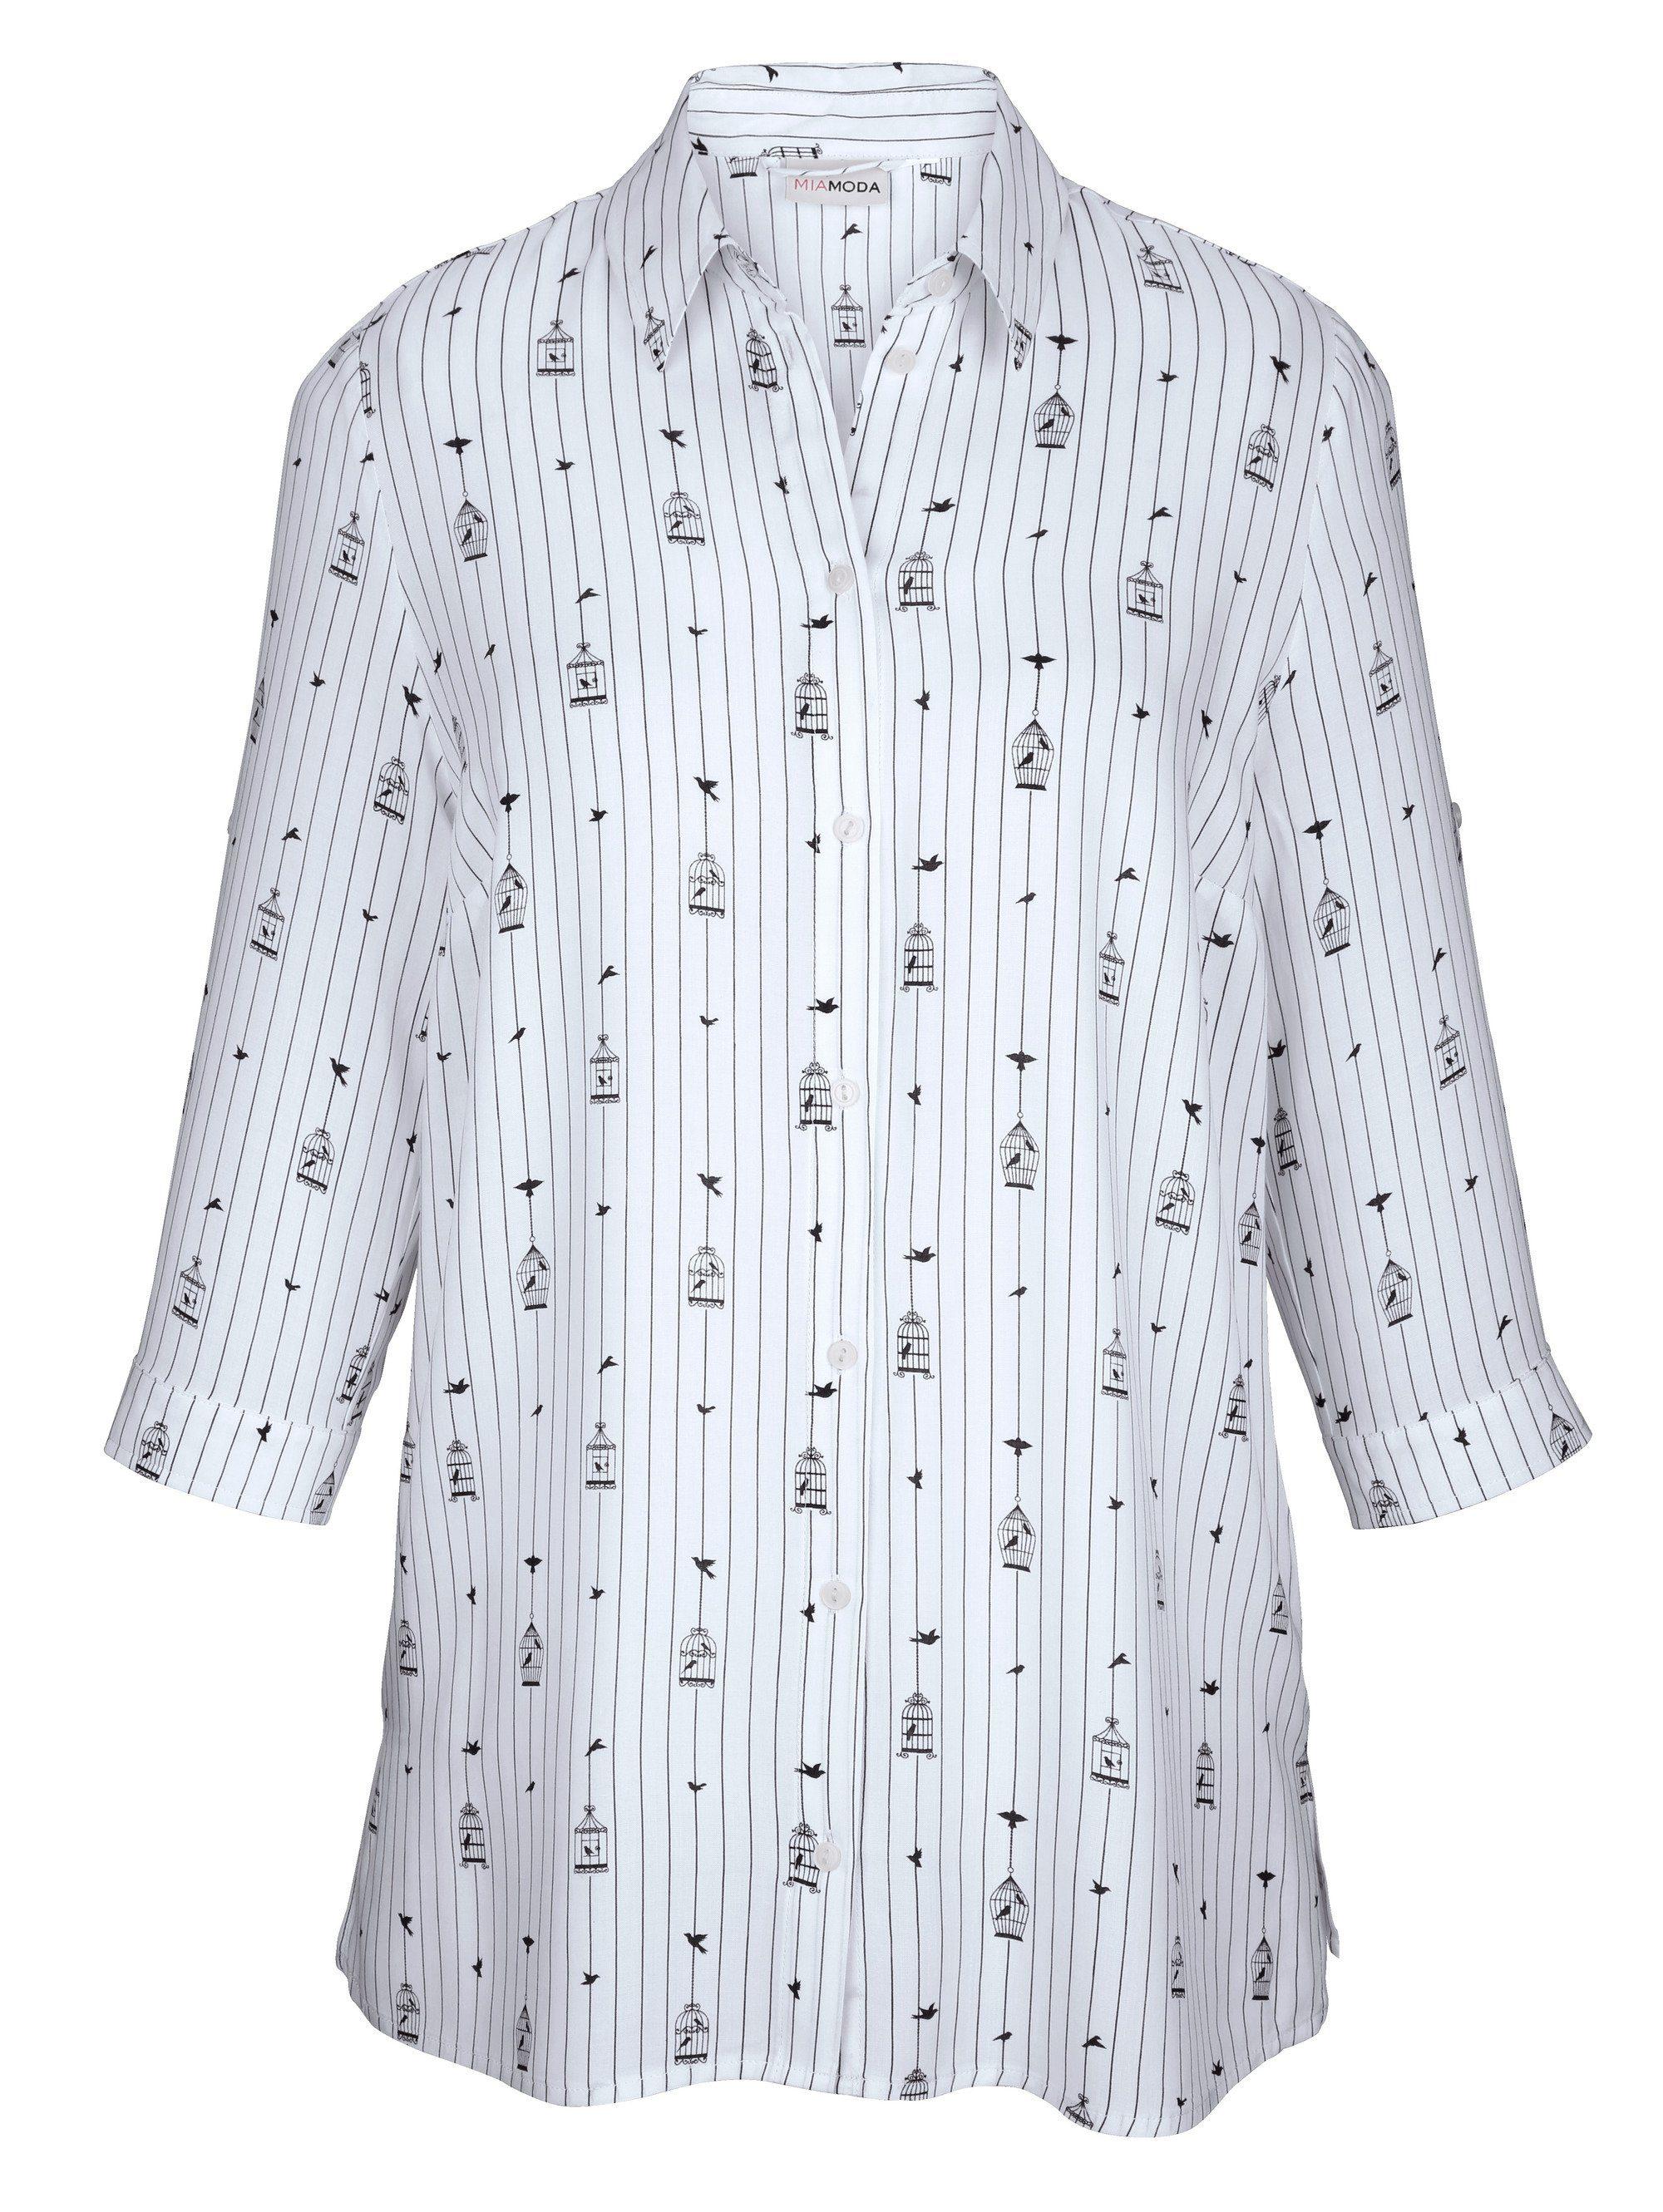 MIAMODA Bluse mit Streifen- und Vogelkäfigdruck-Muster